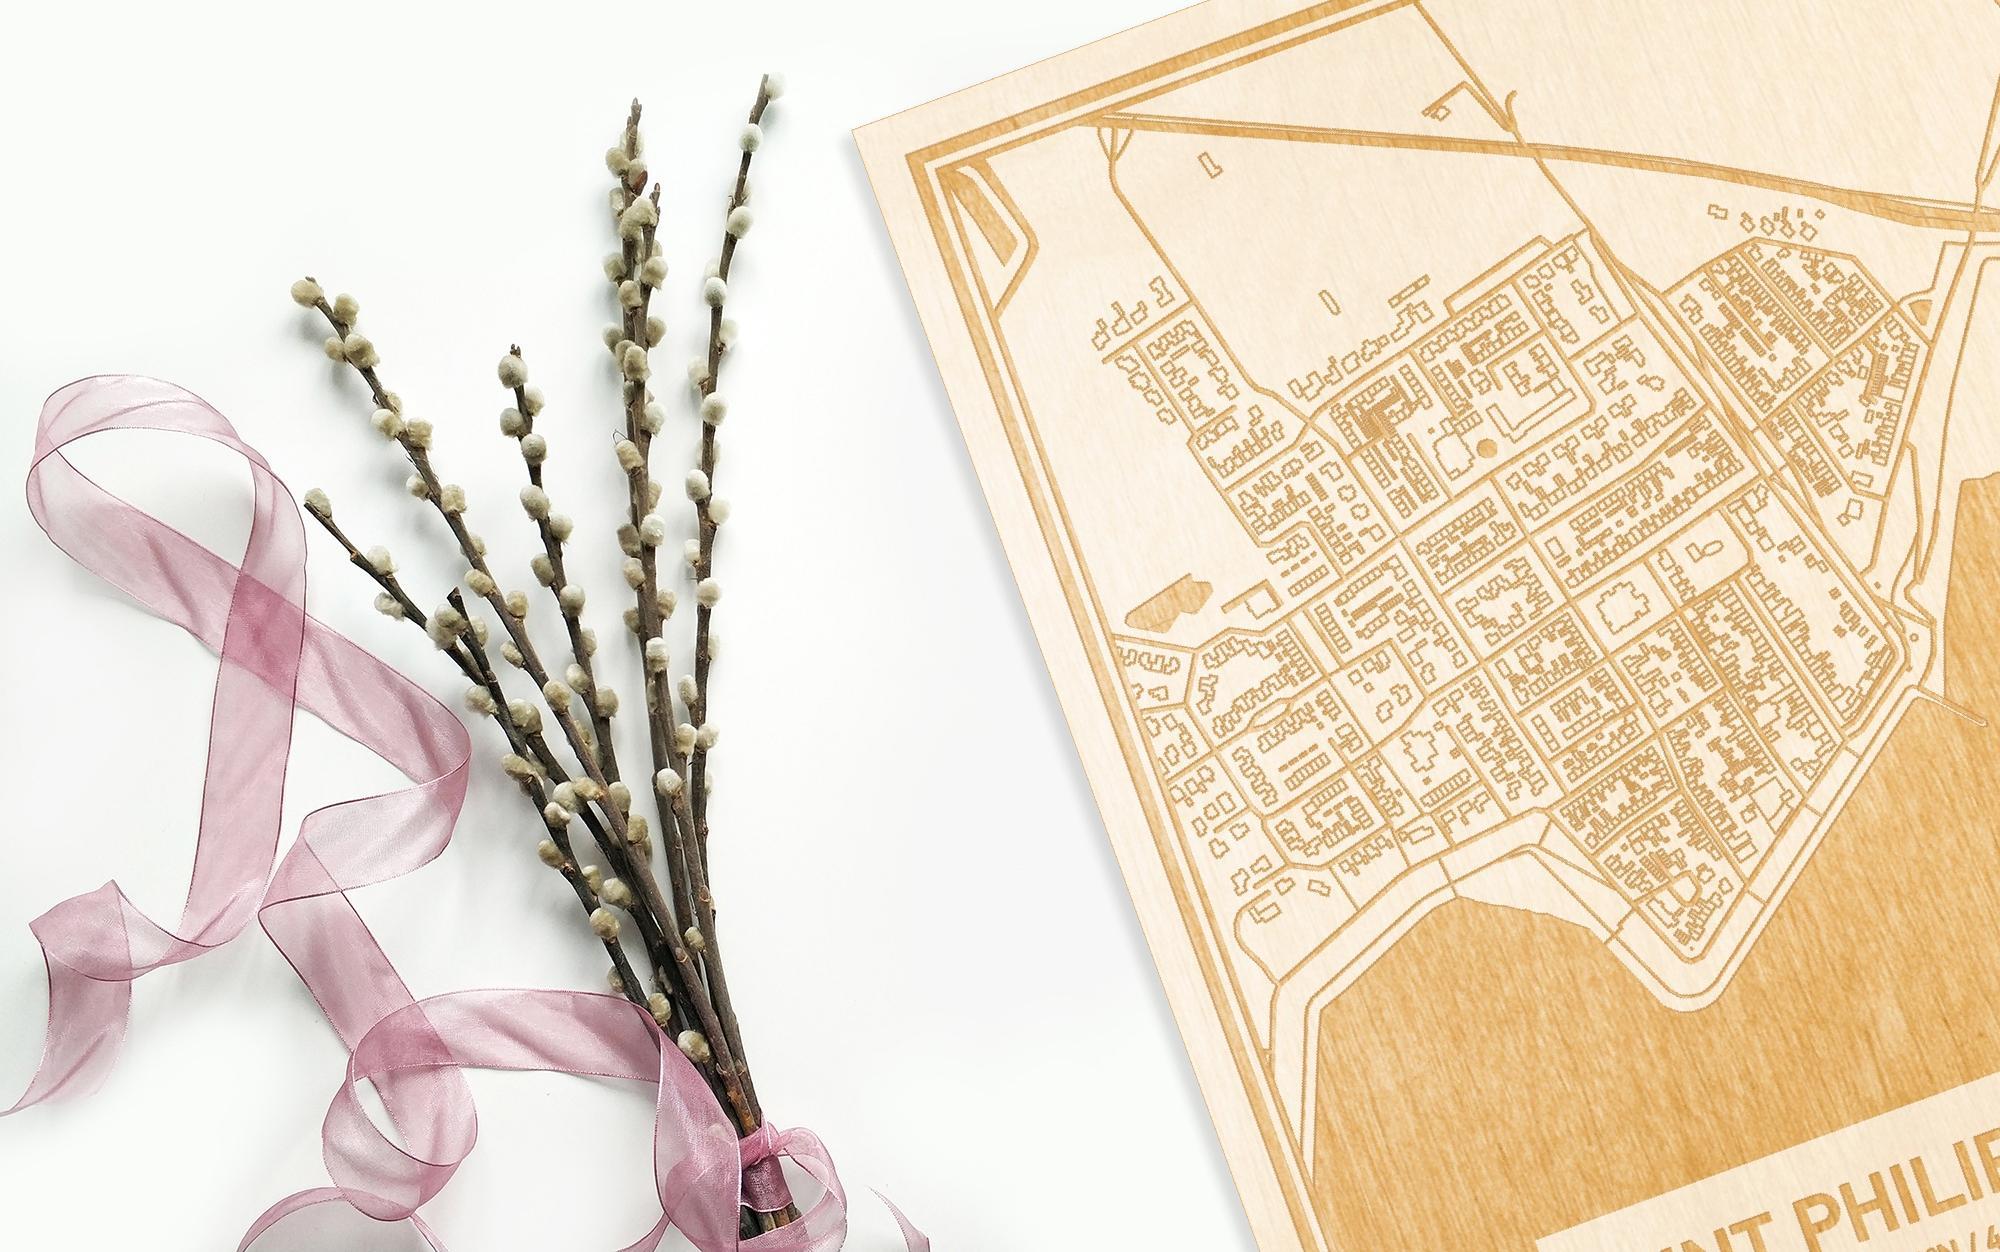 Hier ligt de houten plattegrond Sint Philipsland naast een bloemetje als gepersonaliseerd cadeau voor haar.